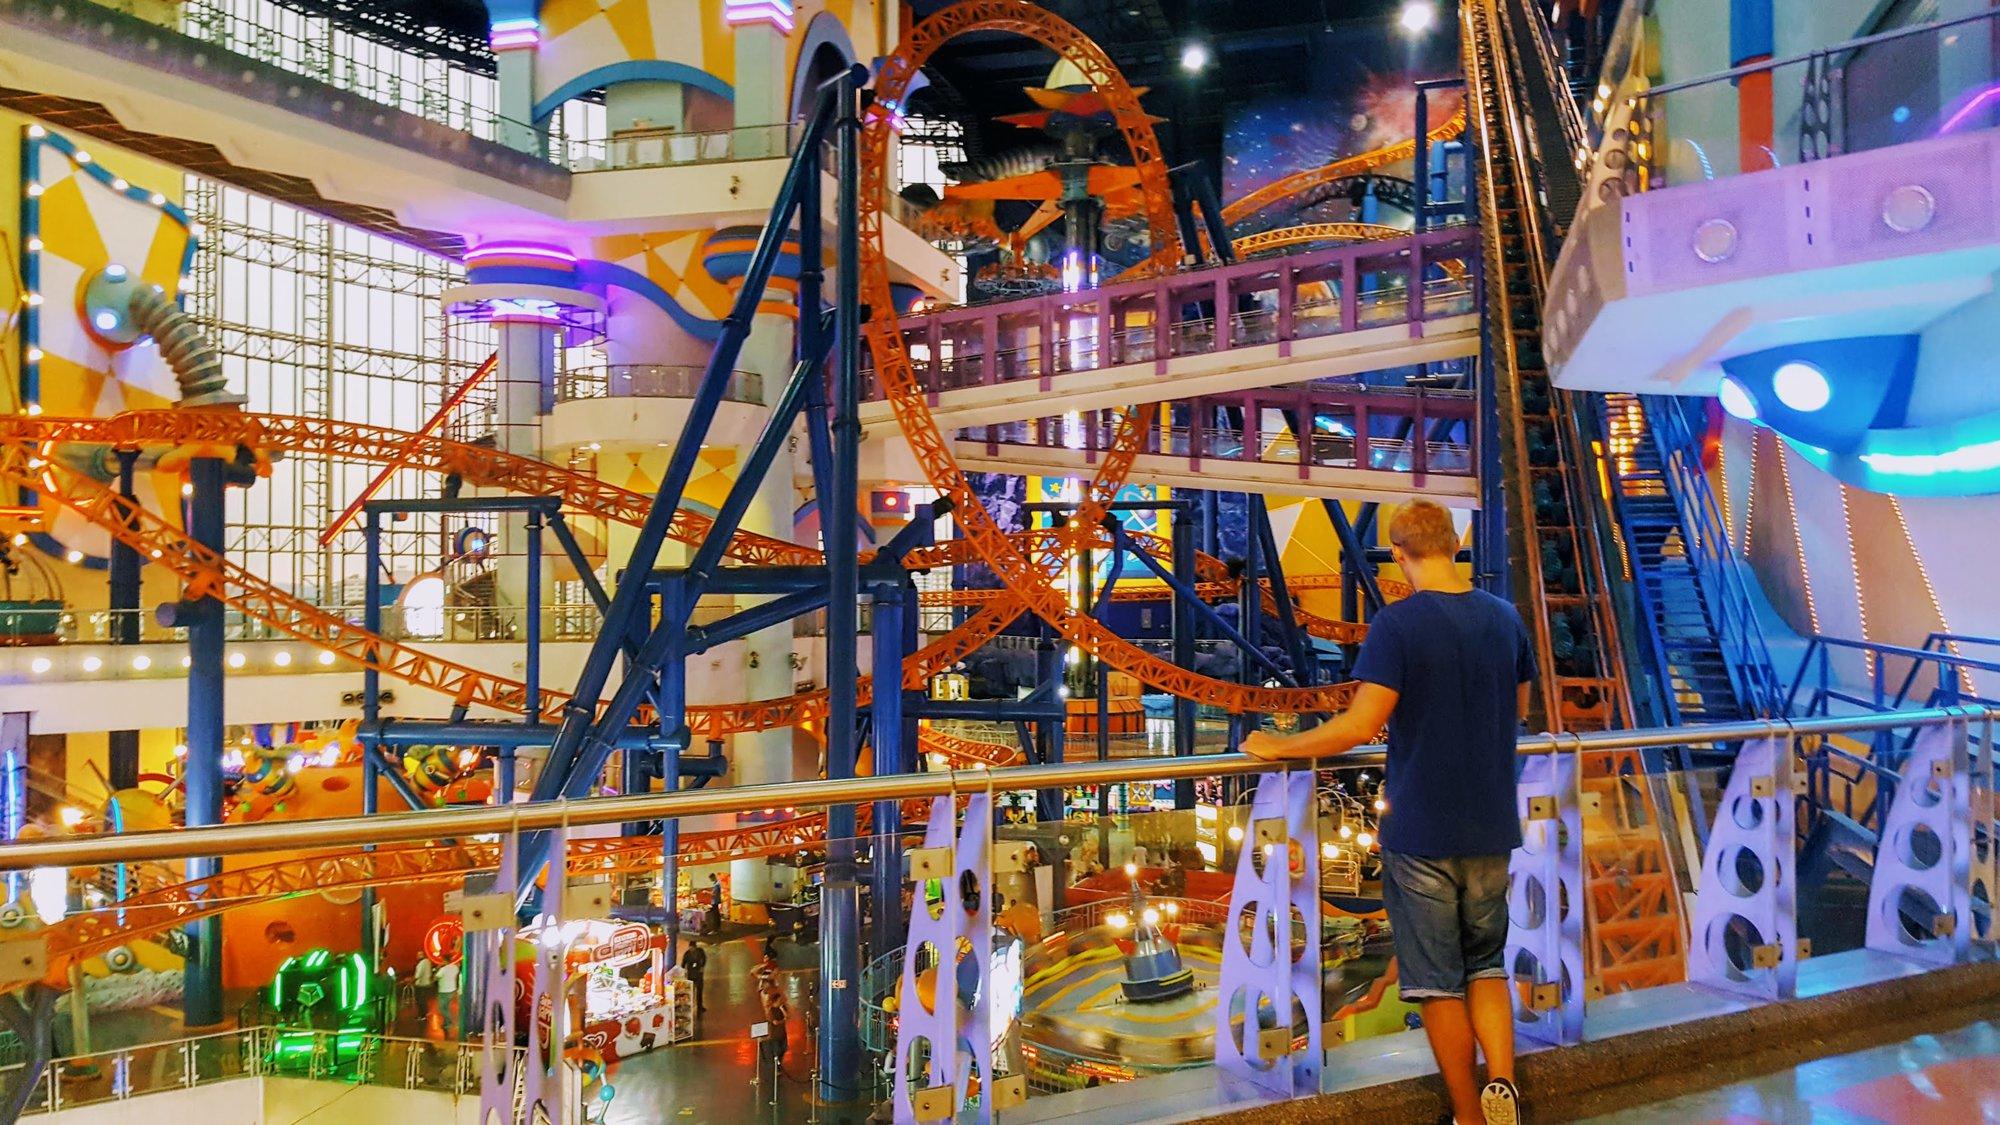 торговый центр Berjaya Times Square – развлекательный парк